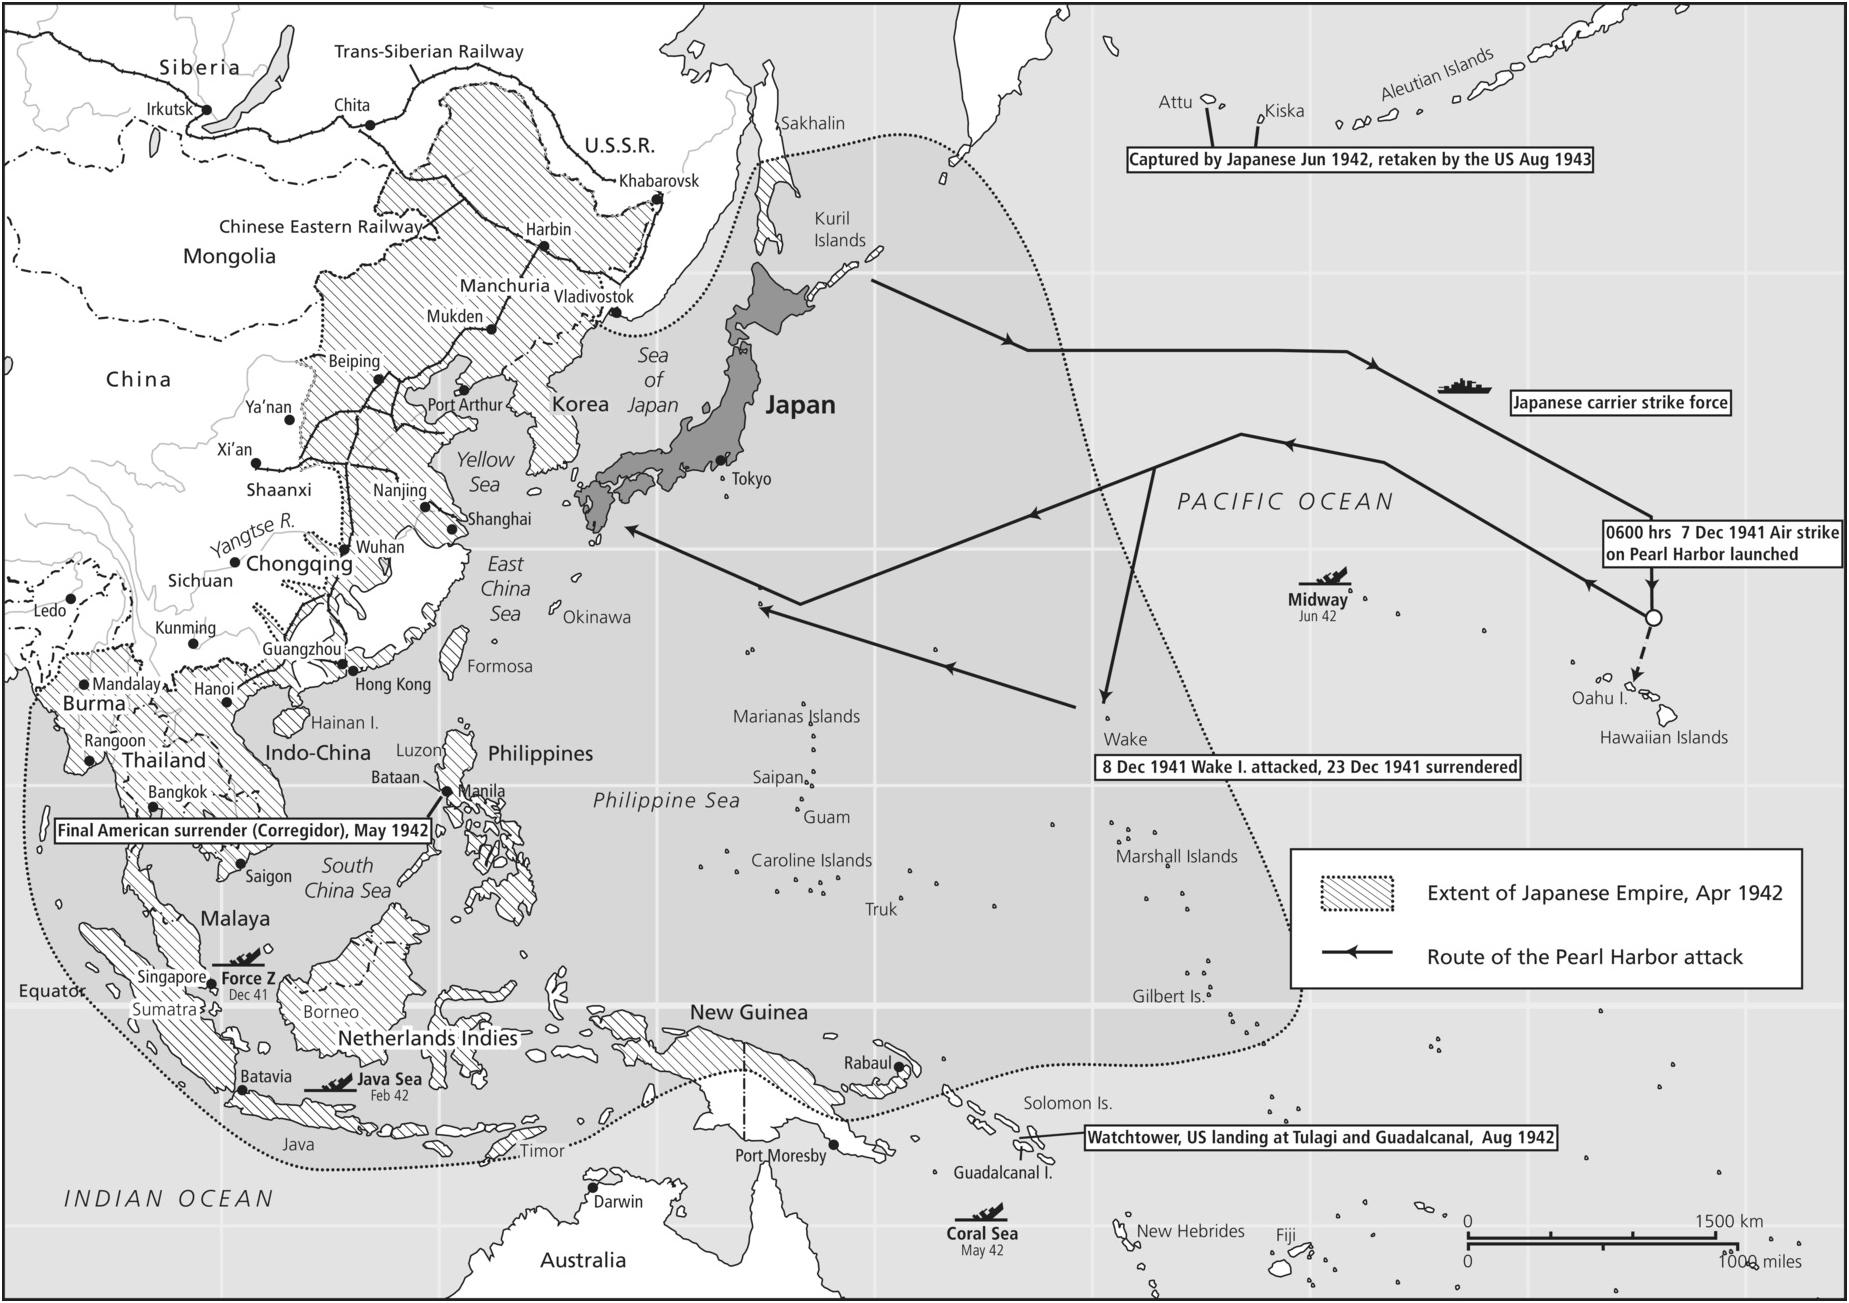 Channel Islands, Burma, E-Boat, Hamburg, Denmark WW2 The War Illustrated # 208